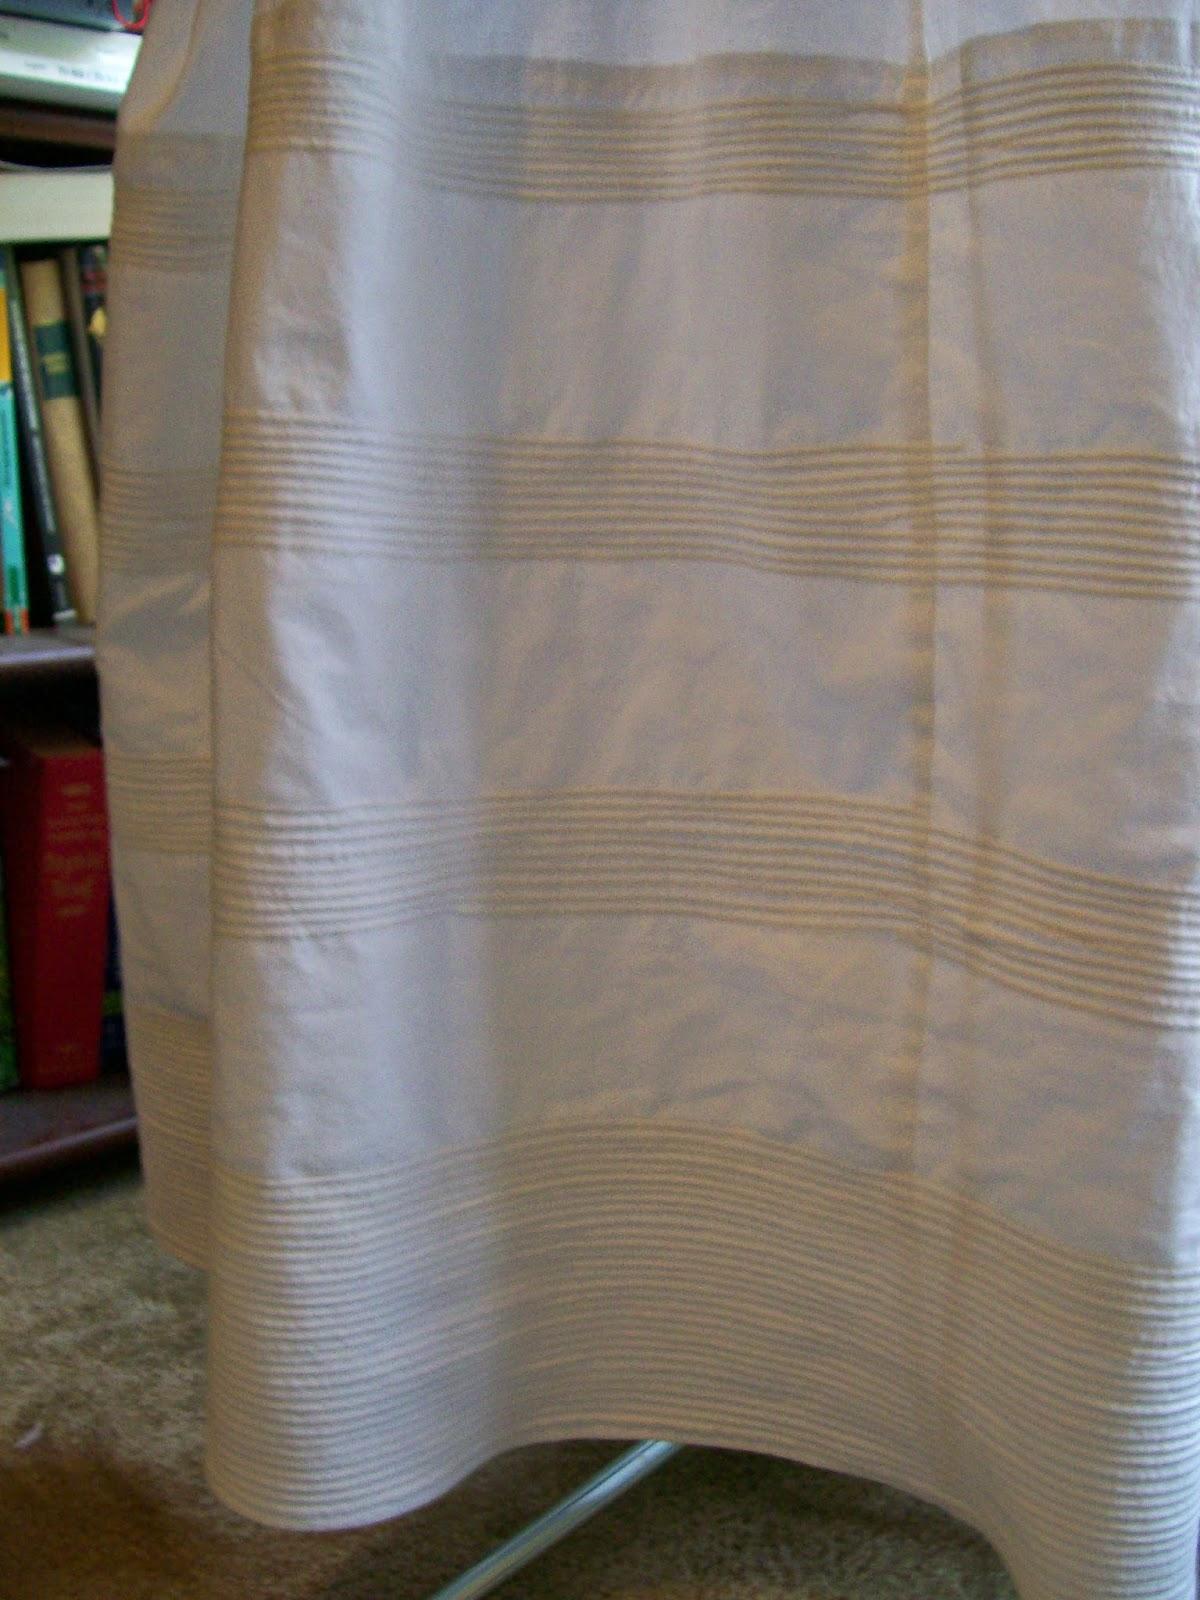 Detail of cording in white cotton petticoat, pre- Civil War.